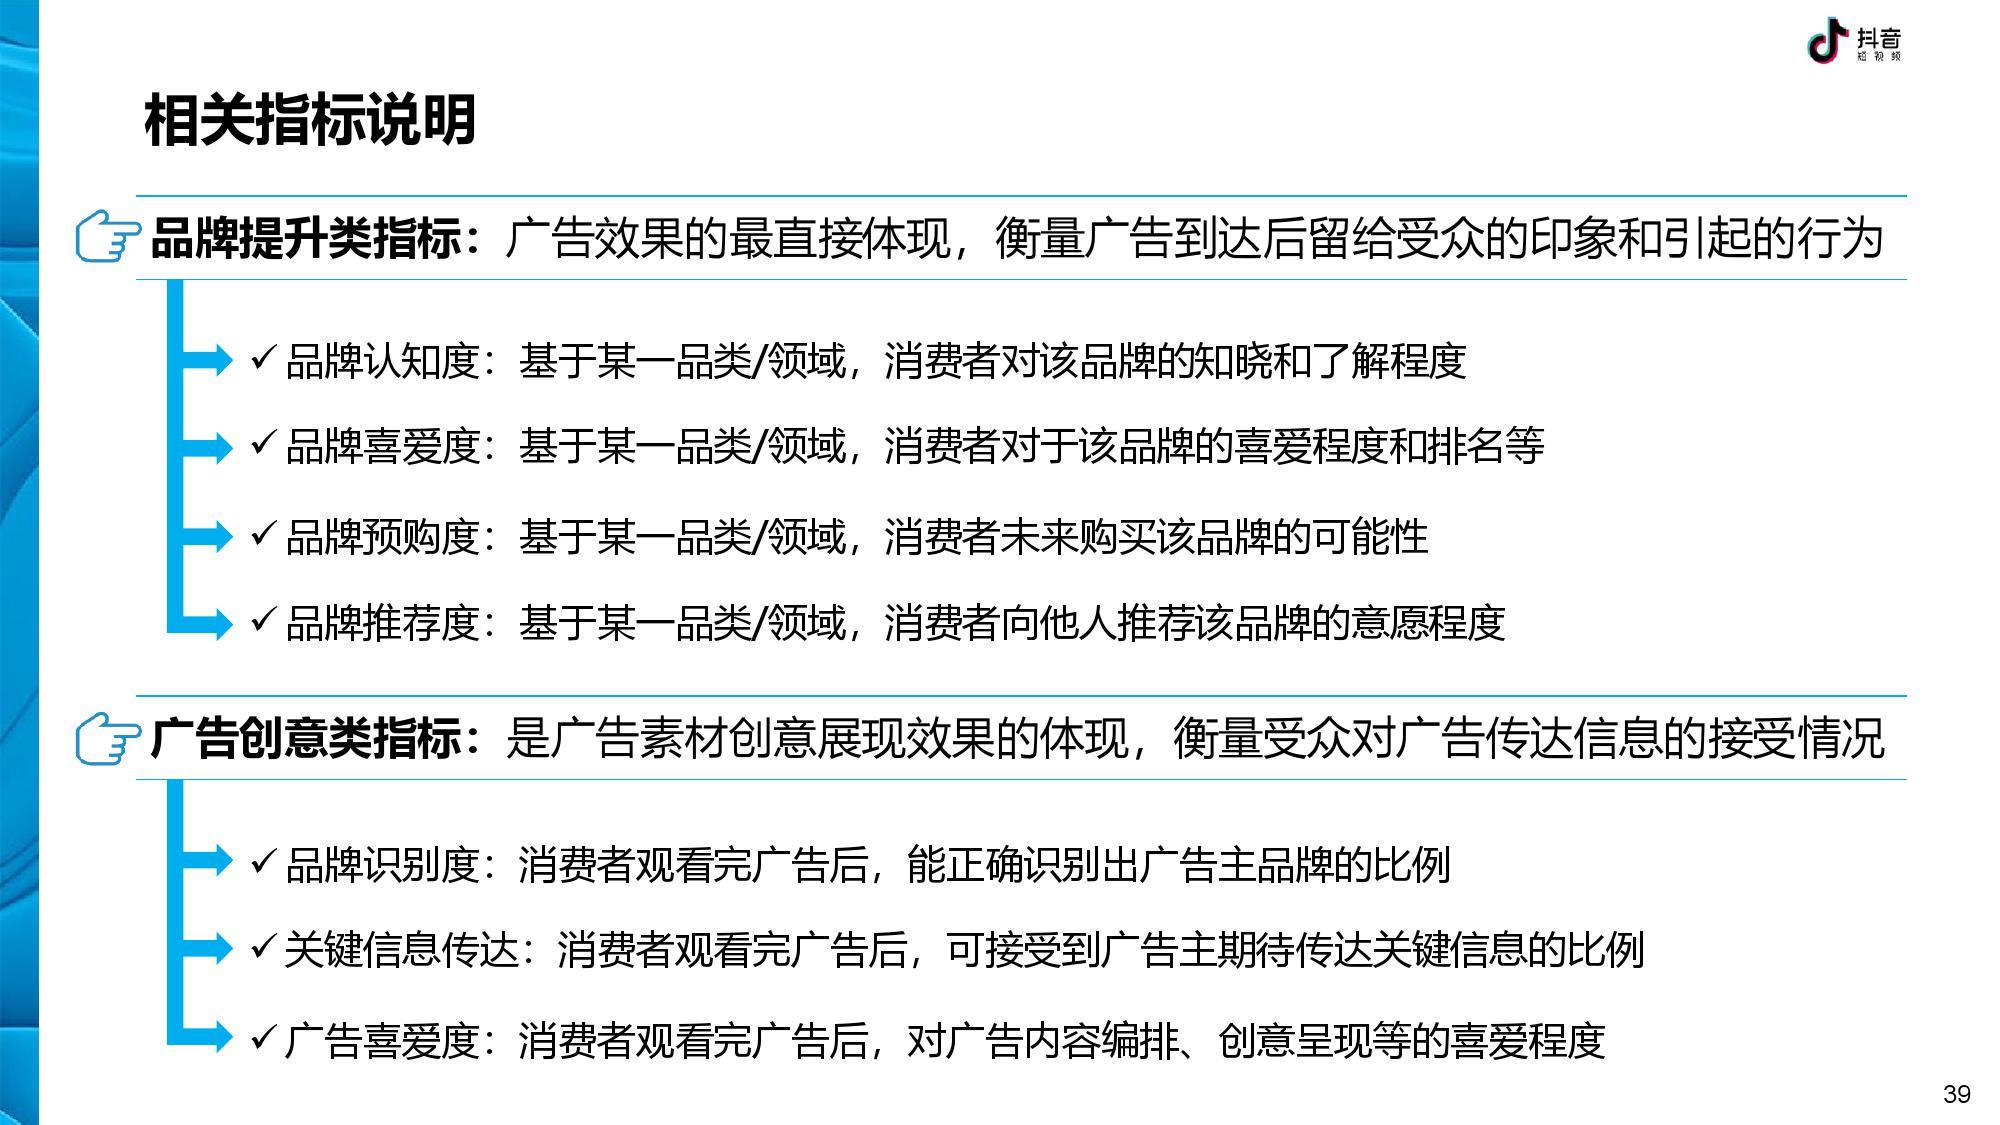 抖音 DTV 广告营销价值白皮书-CNMOAD 中文移动营销资讯 39